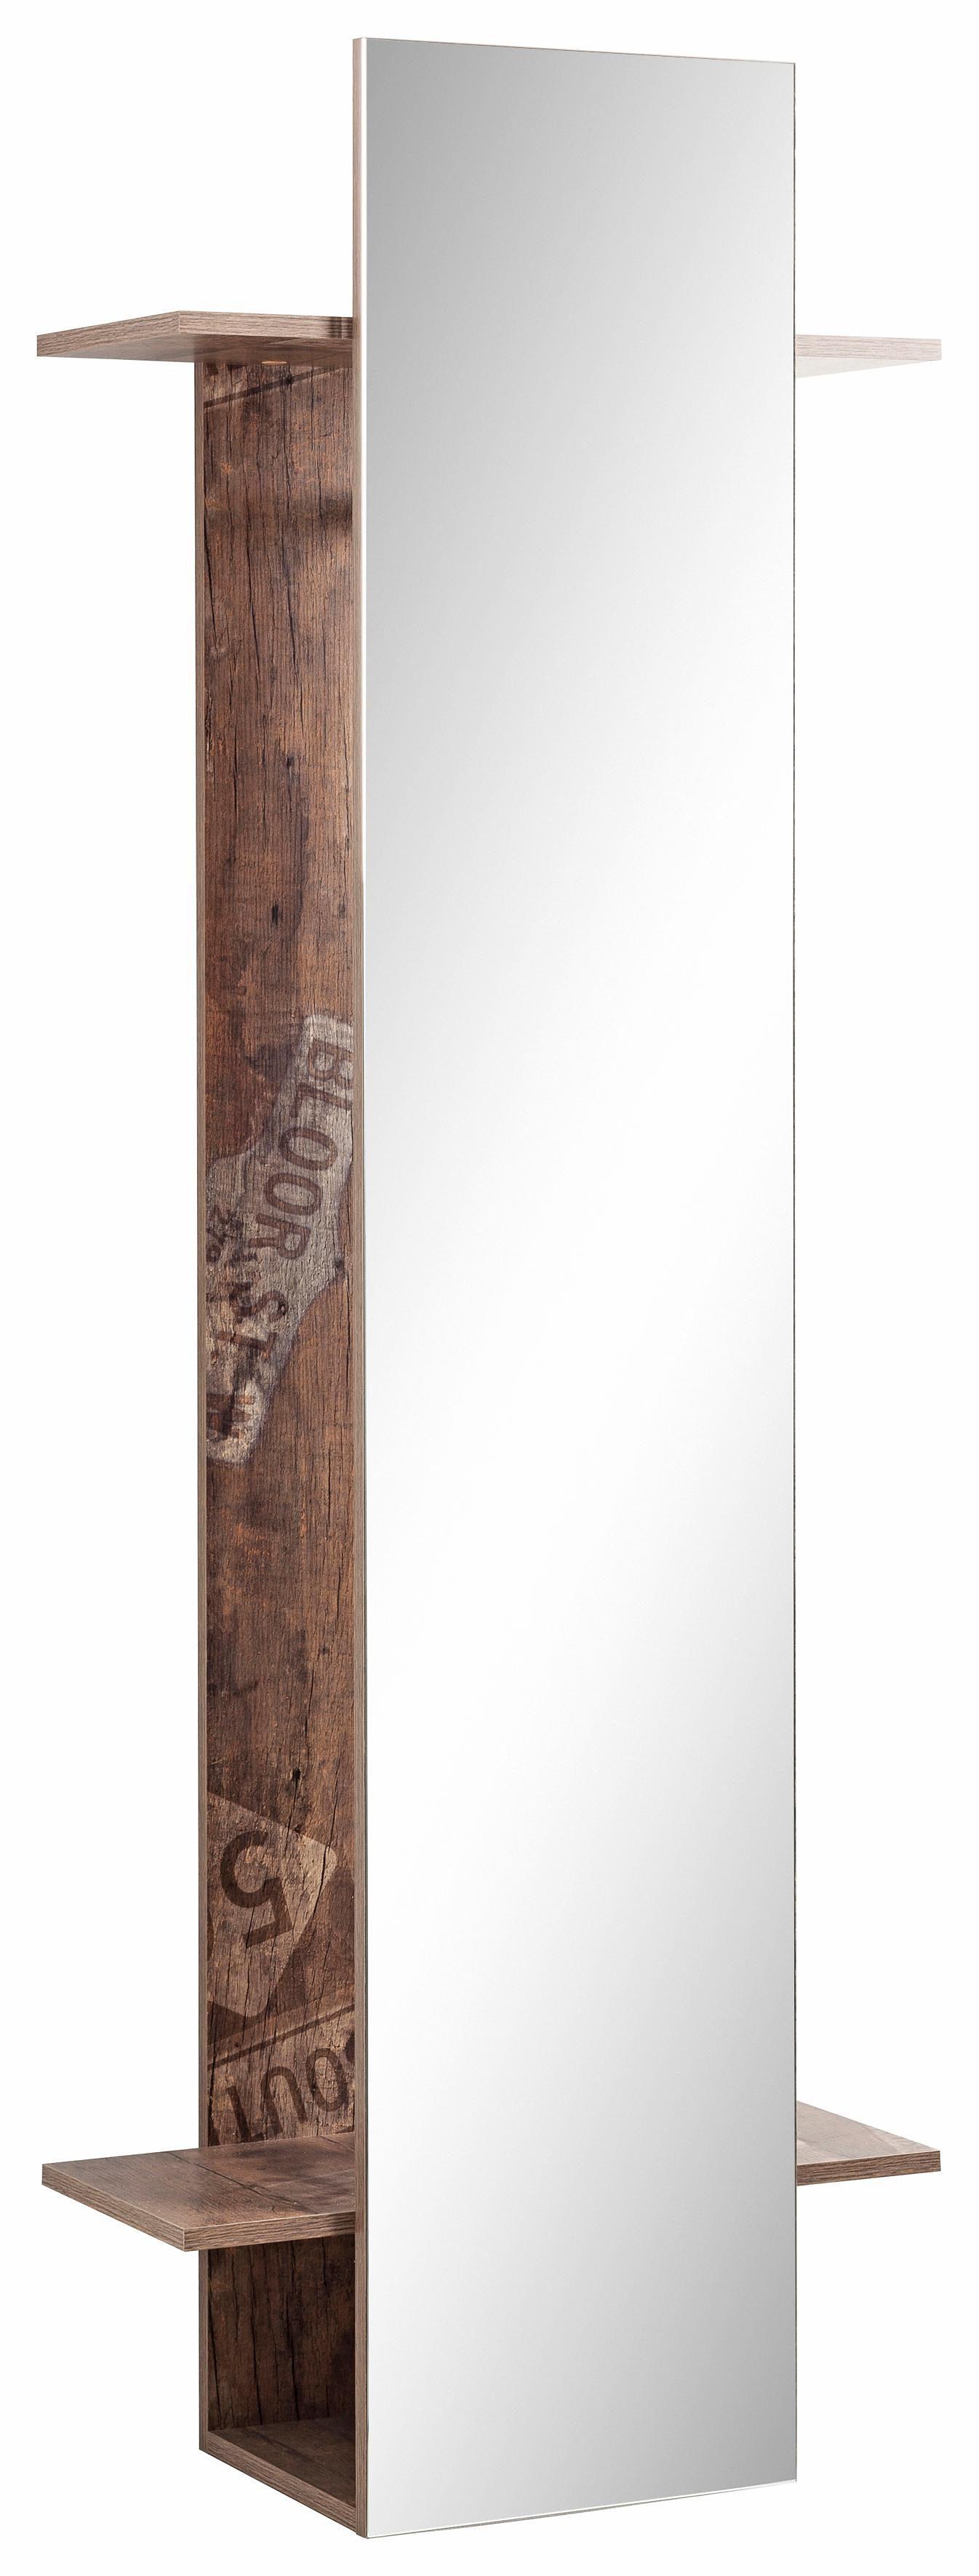 schildmeyer garderobenpaneel beli mit spiegel bestellen. Black Bedroom Furniture Sets. Home Design Ideas